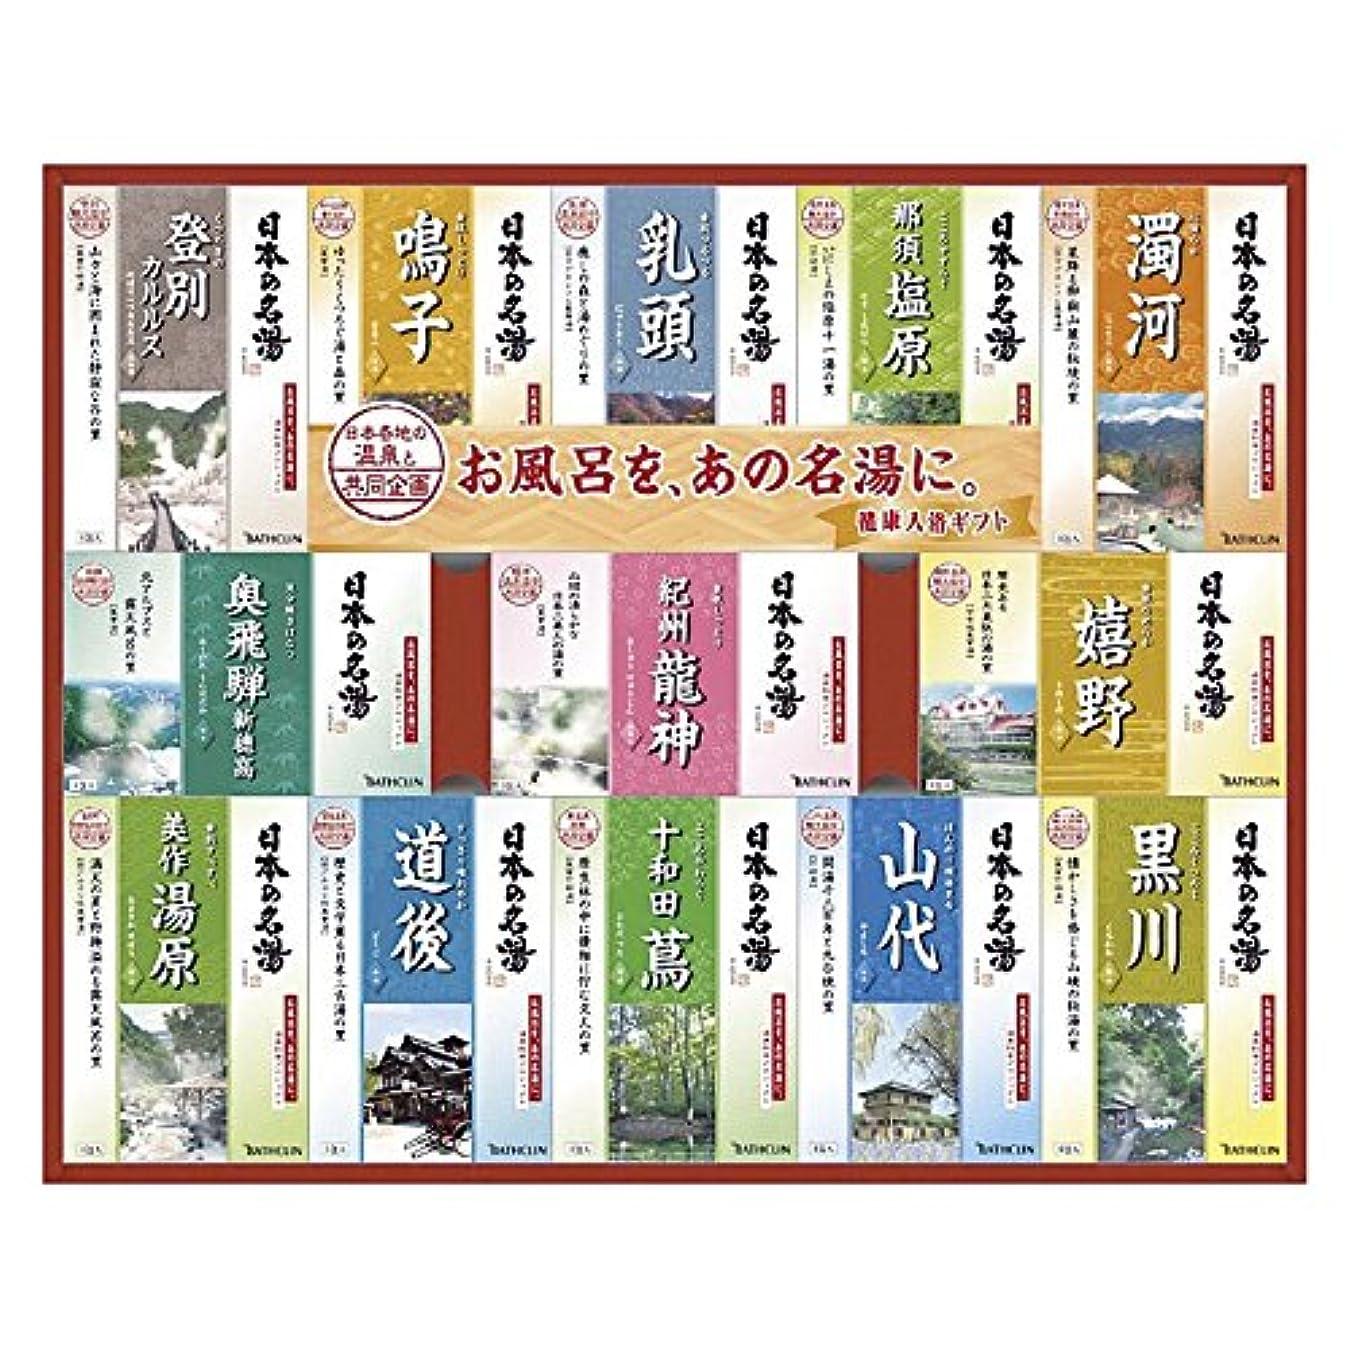 つまずく元の添加剤バスクリン 日本の名湯 ギフトセット NMG-50F 【個包装 セット 詰め合わせ 疲労回復 ご褒美 贅沢 プチギフト 温まる 温泉 粉 ご当地 まとめ買い 名湯 リラックス 美肌 つめあわせ やさしい やすらぎ】